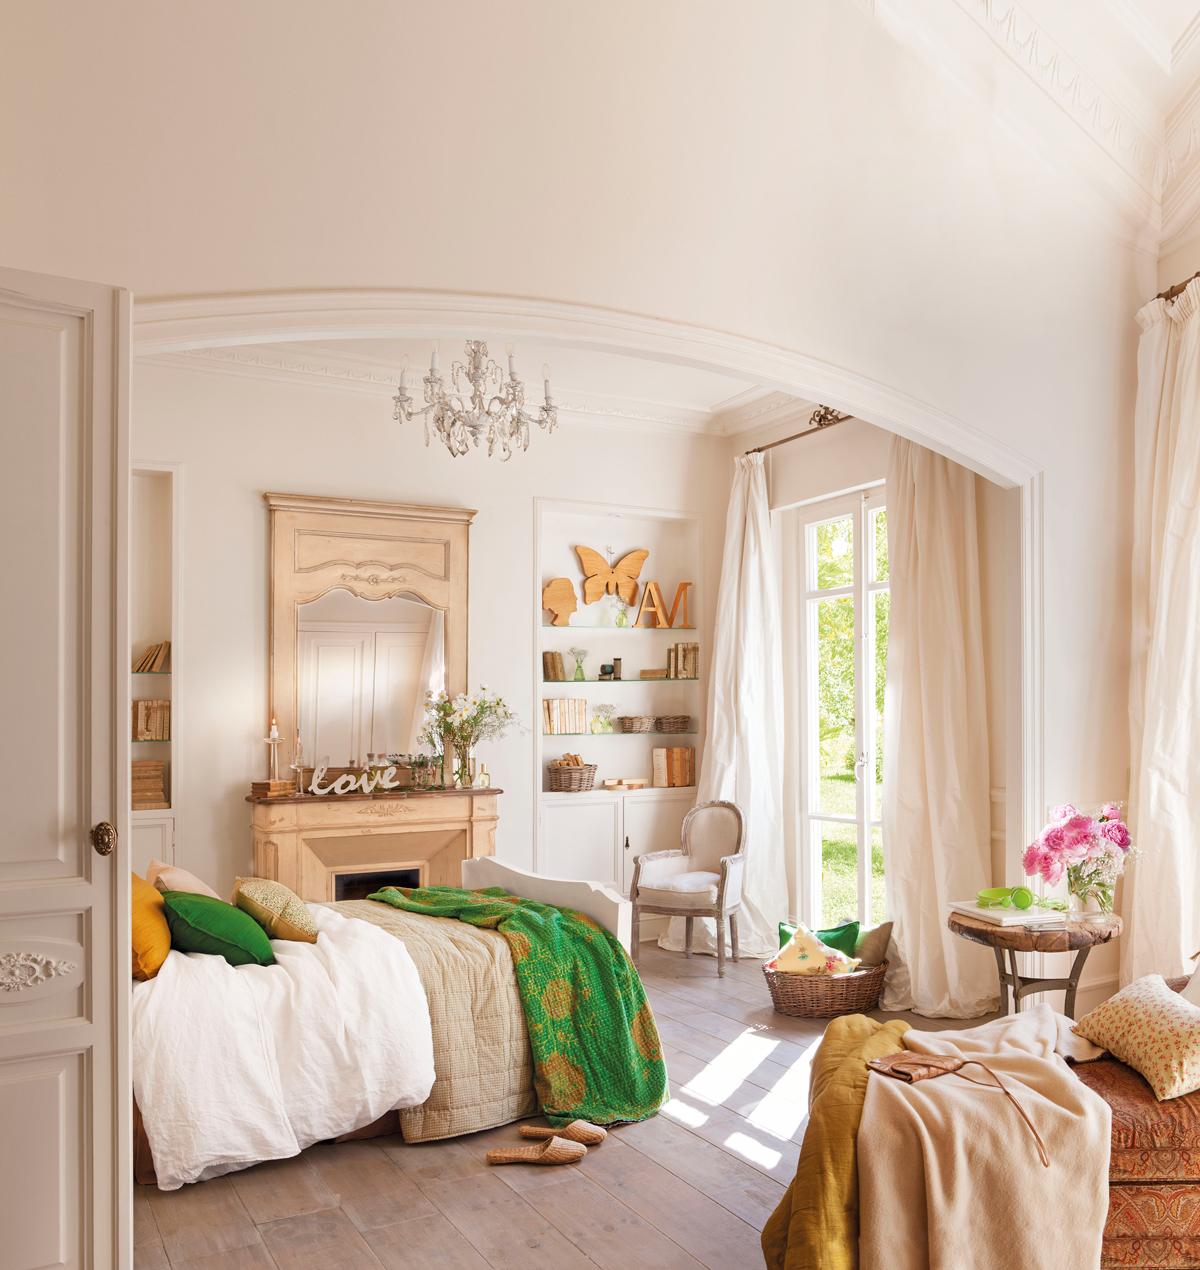 Decora tu dormitorio con estilo vintage for Decorar departamentos con feng shui